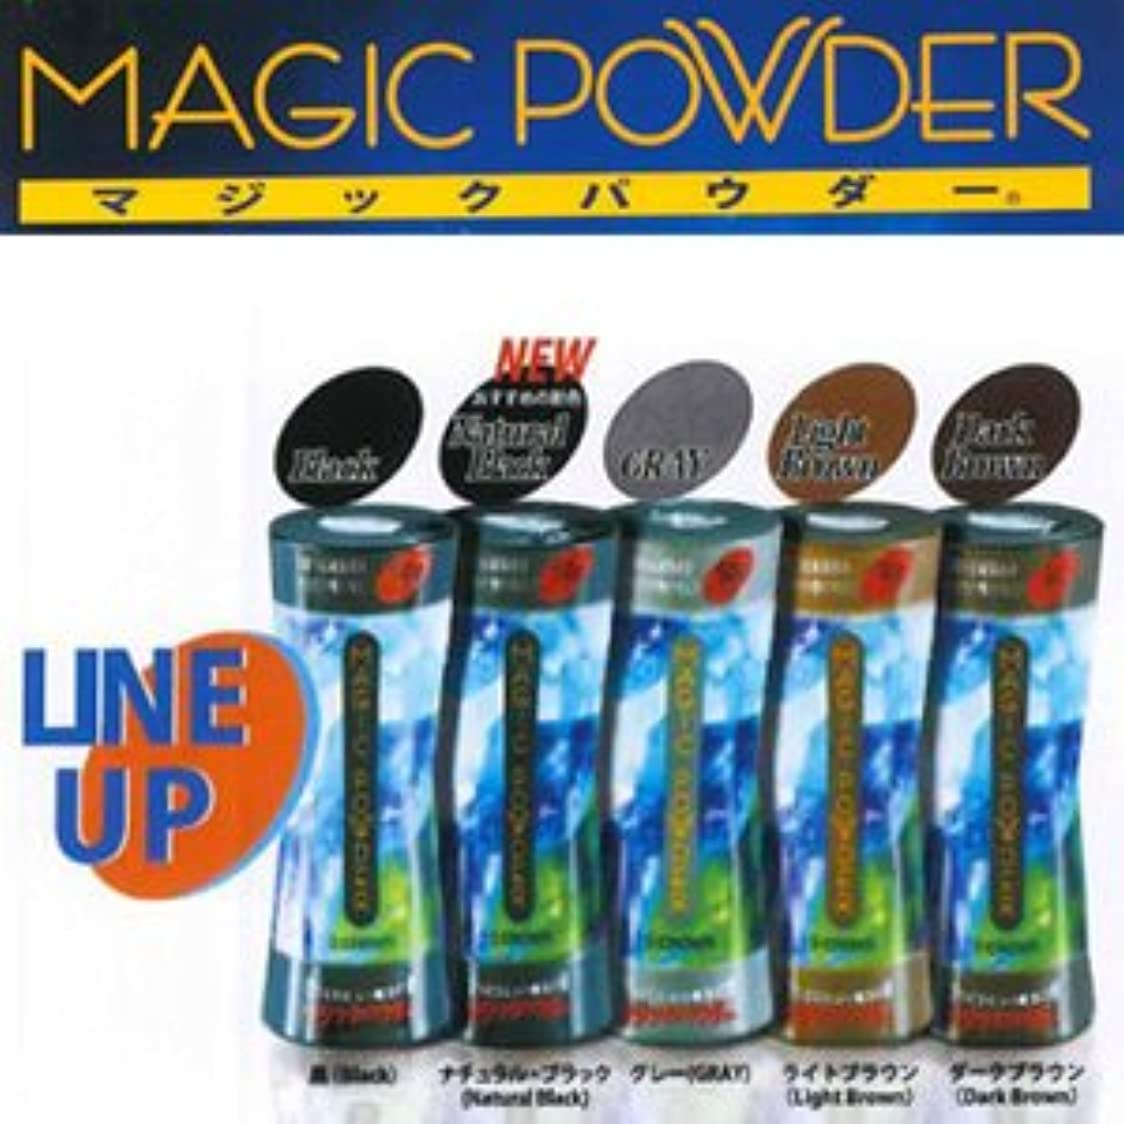 割り当てる悲鳴ガードMAGIC POWDER マジックパウダー ライトブラウン 50g 2個セット ※貴方の髪を簡単ボリュームアップ!